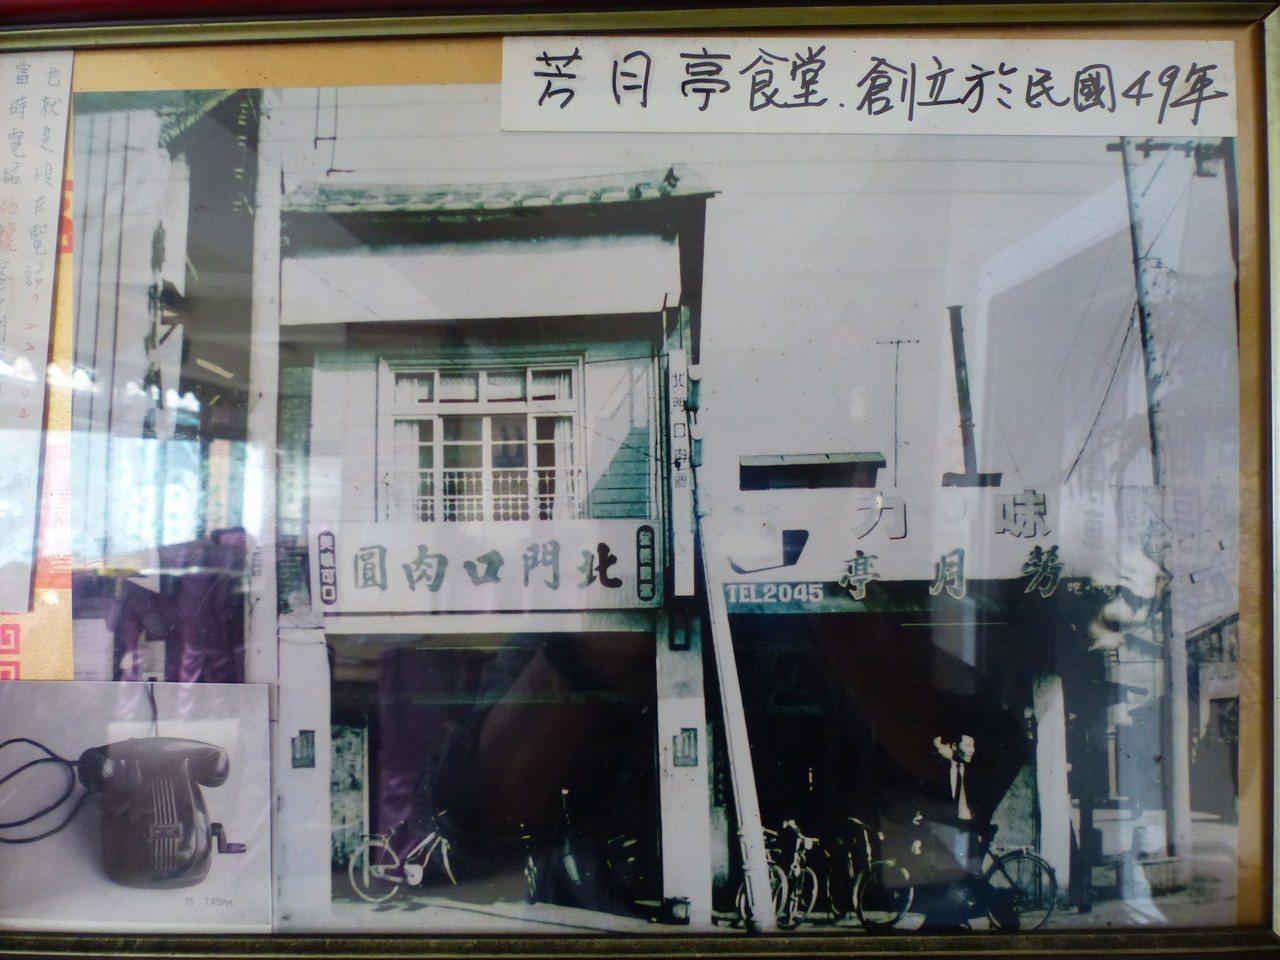 彰化市芳月亭餐廳決定月底熄燈,圖右的位置是60多年前草創的場景。記者劉明岩/攝影